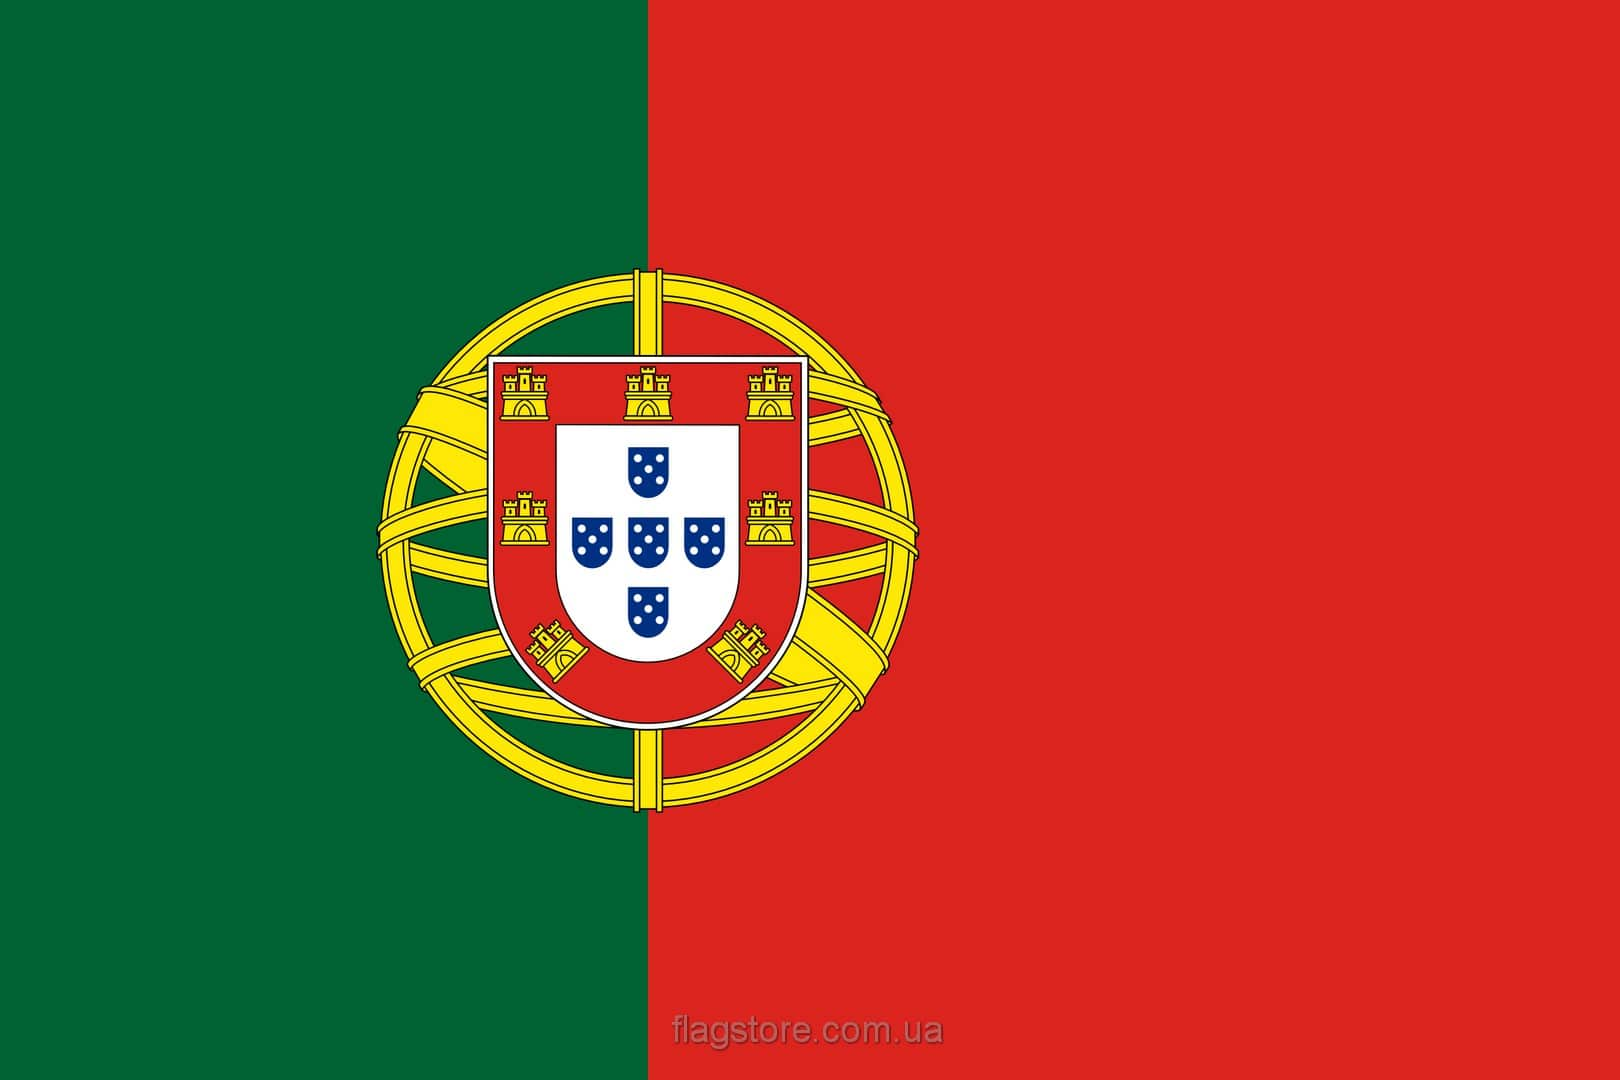 Купить флаг Португалии (страны Португалия)